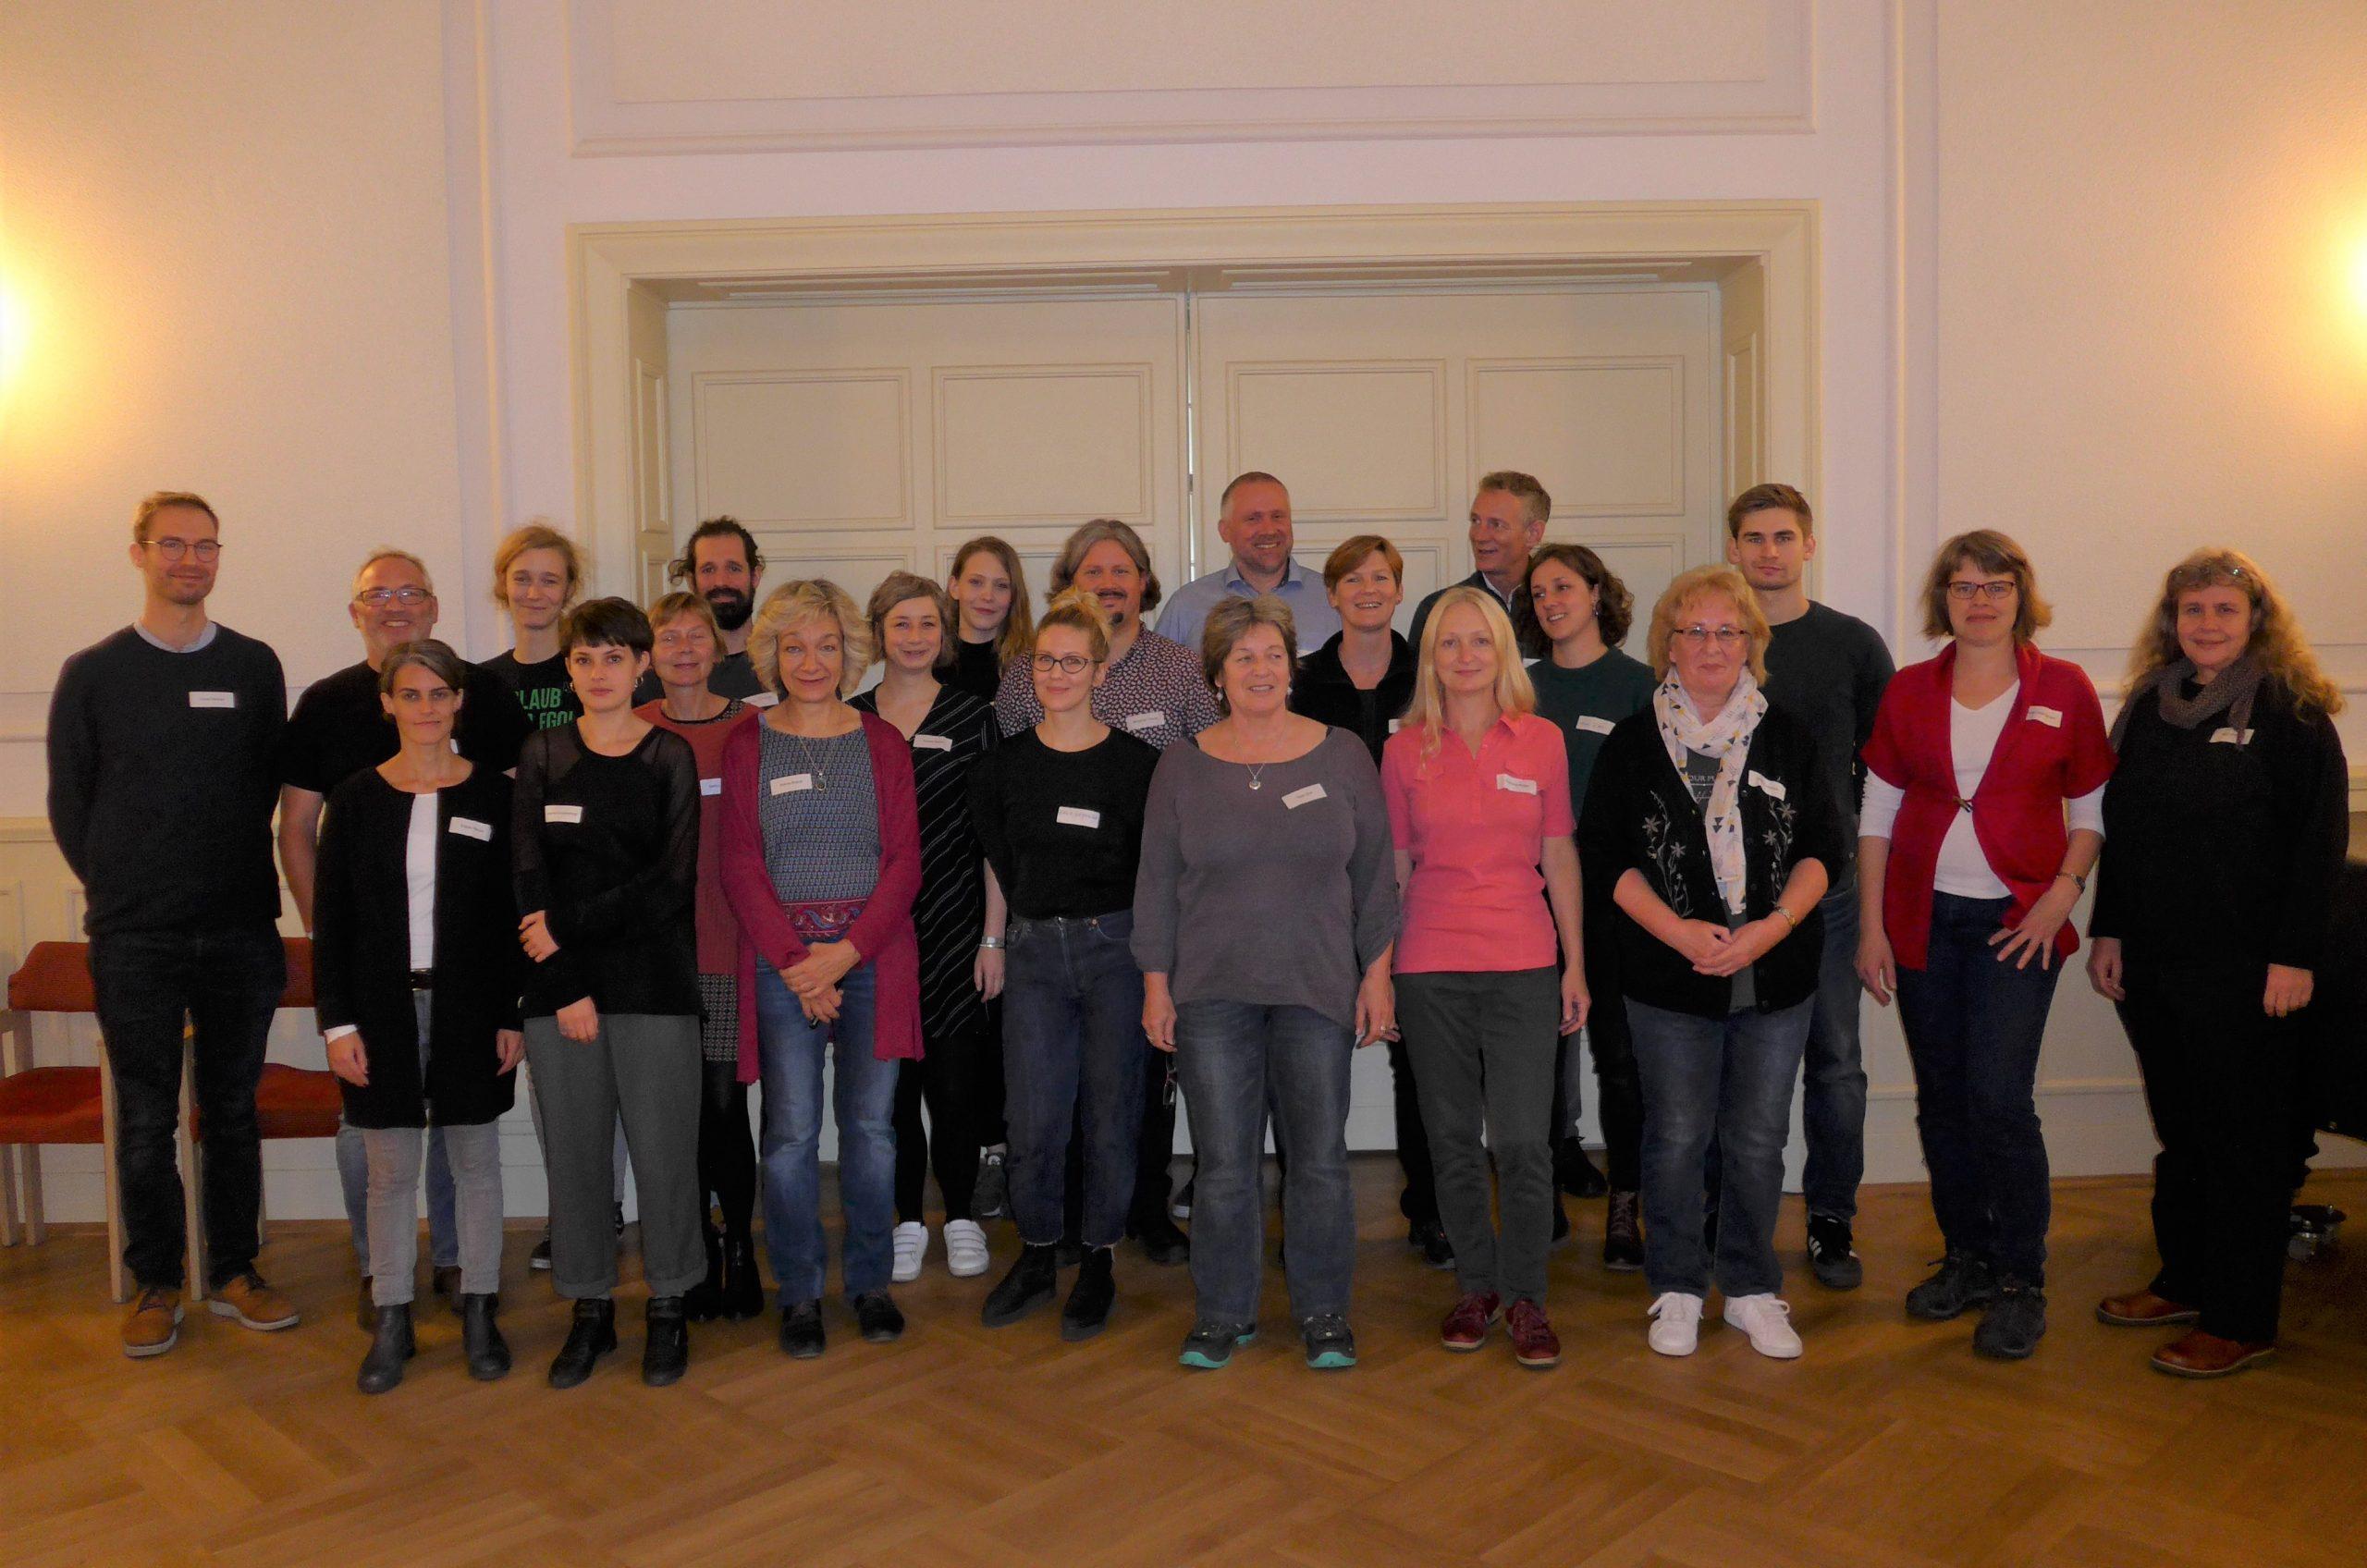 Gruppenfoto von 22 Personen im Saal des Nachbarschaftshaus Urbanstraße in Berlin.